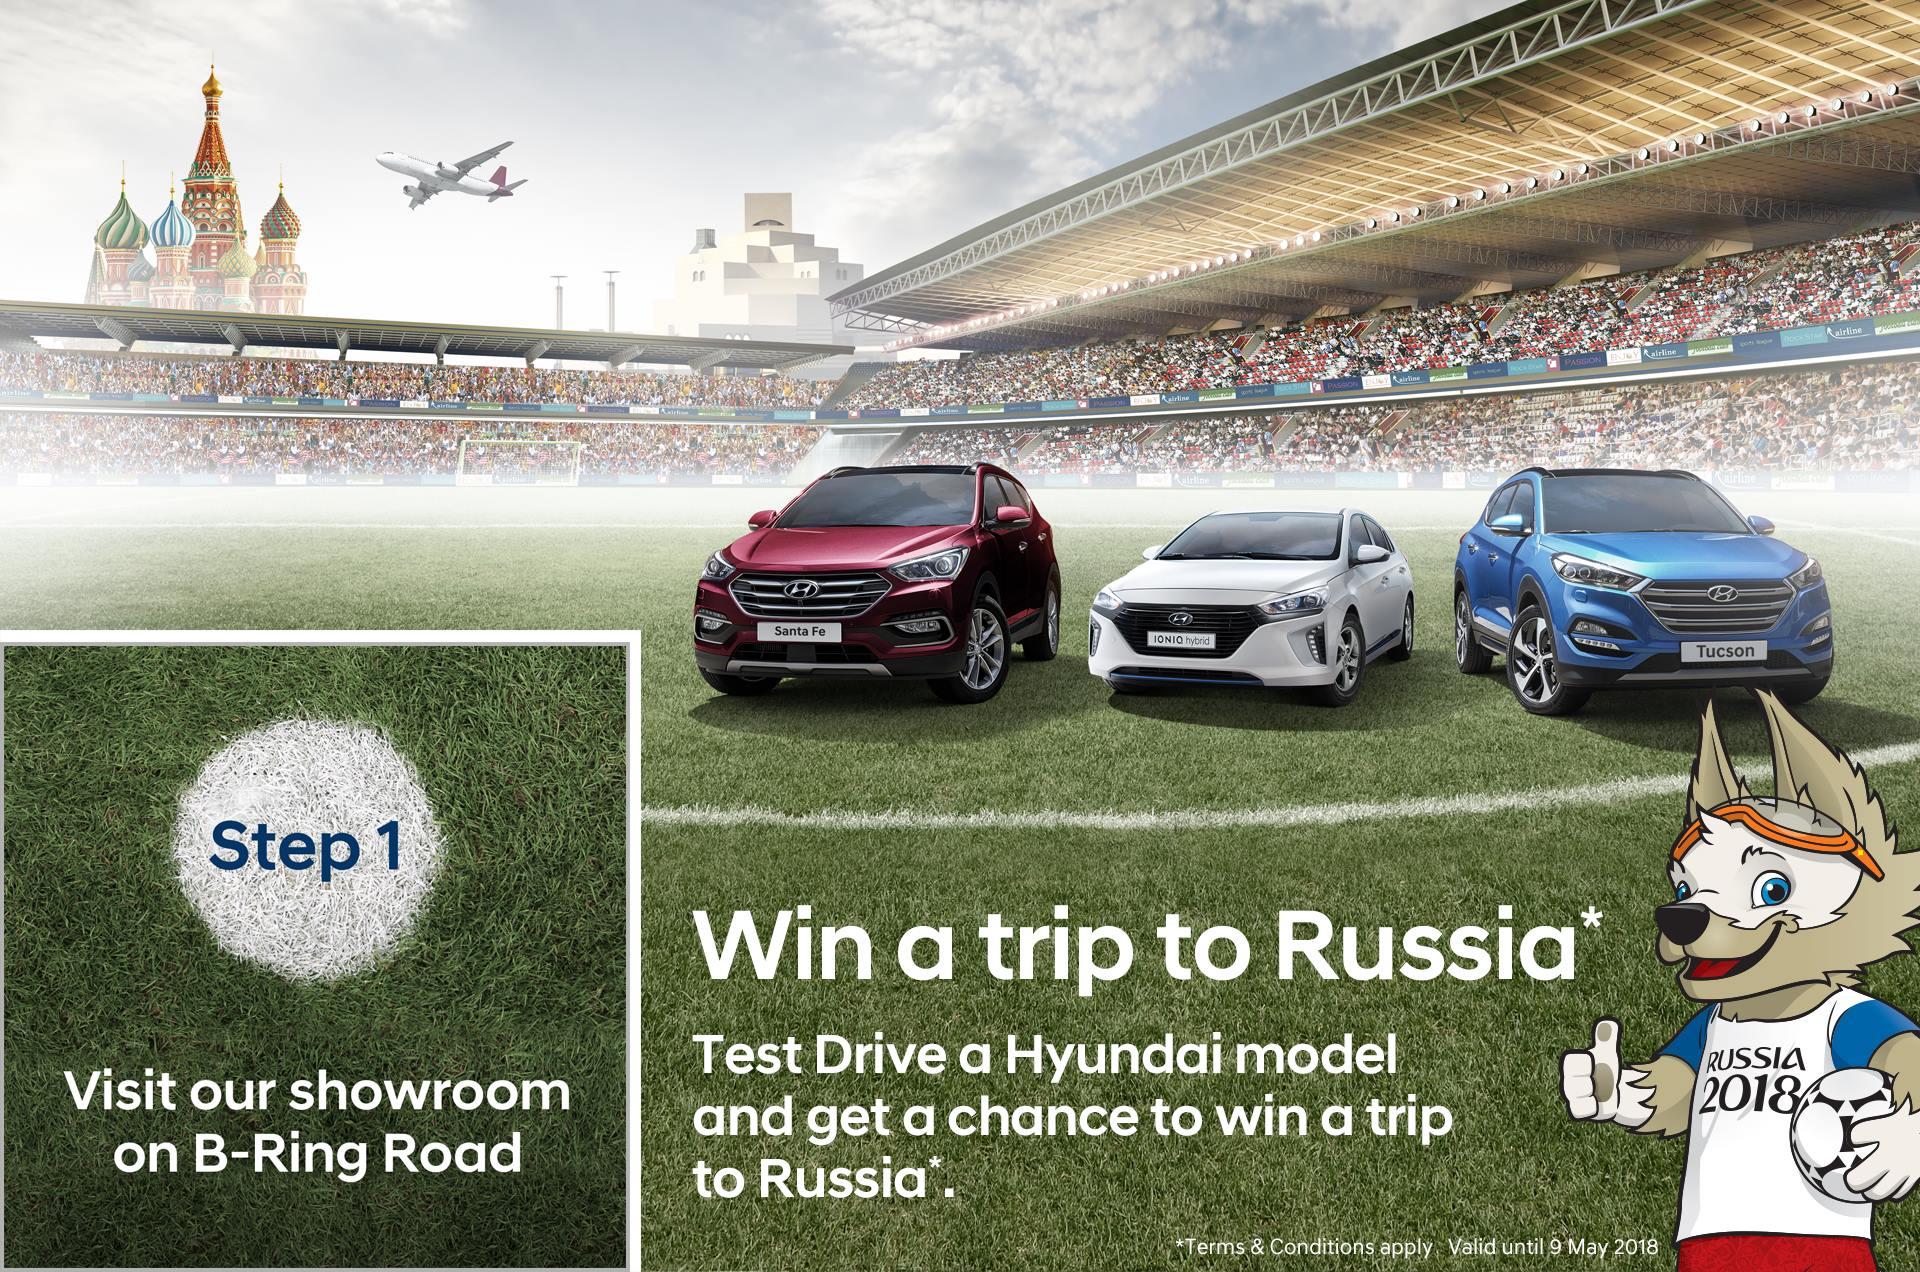 إربح تذكرة لكأس العالم في روسيا مع هايونداي